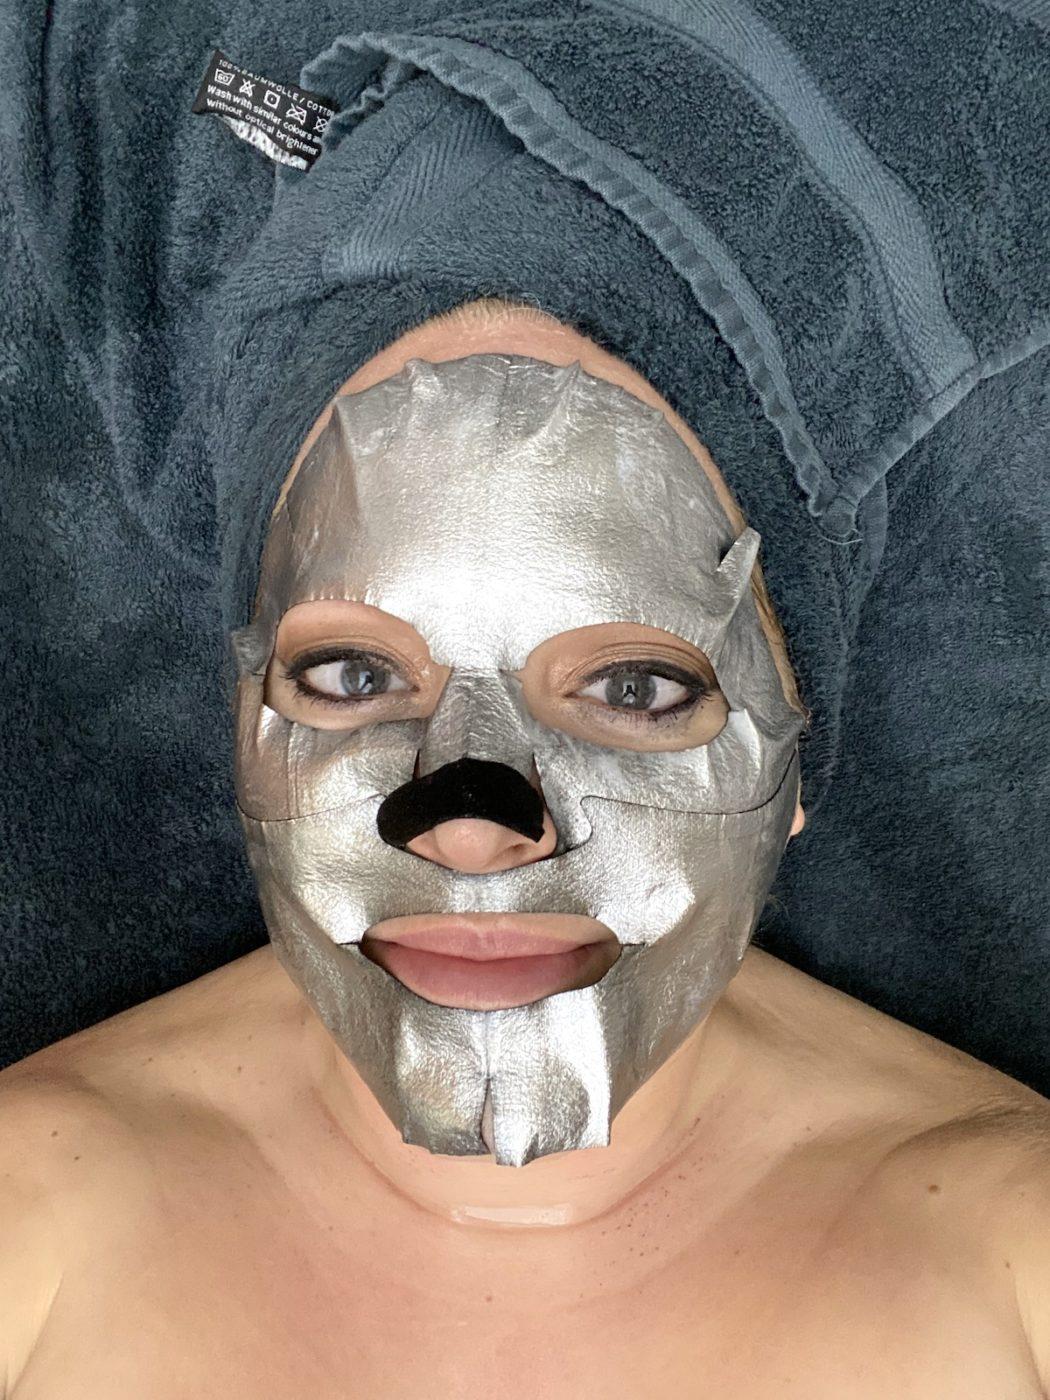 Elins ansikte i närbild med en silverfärgad ansiktsmask.